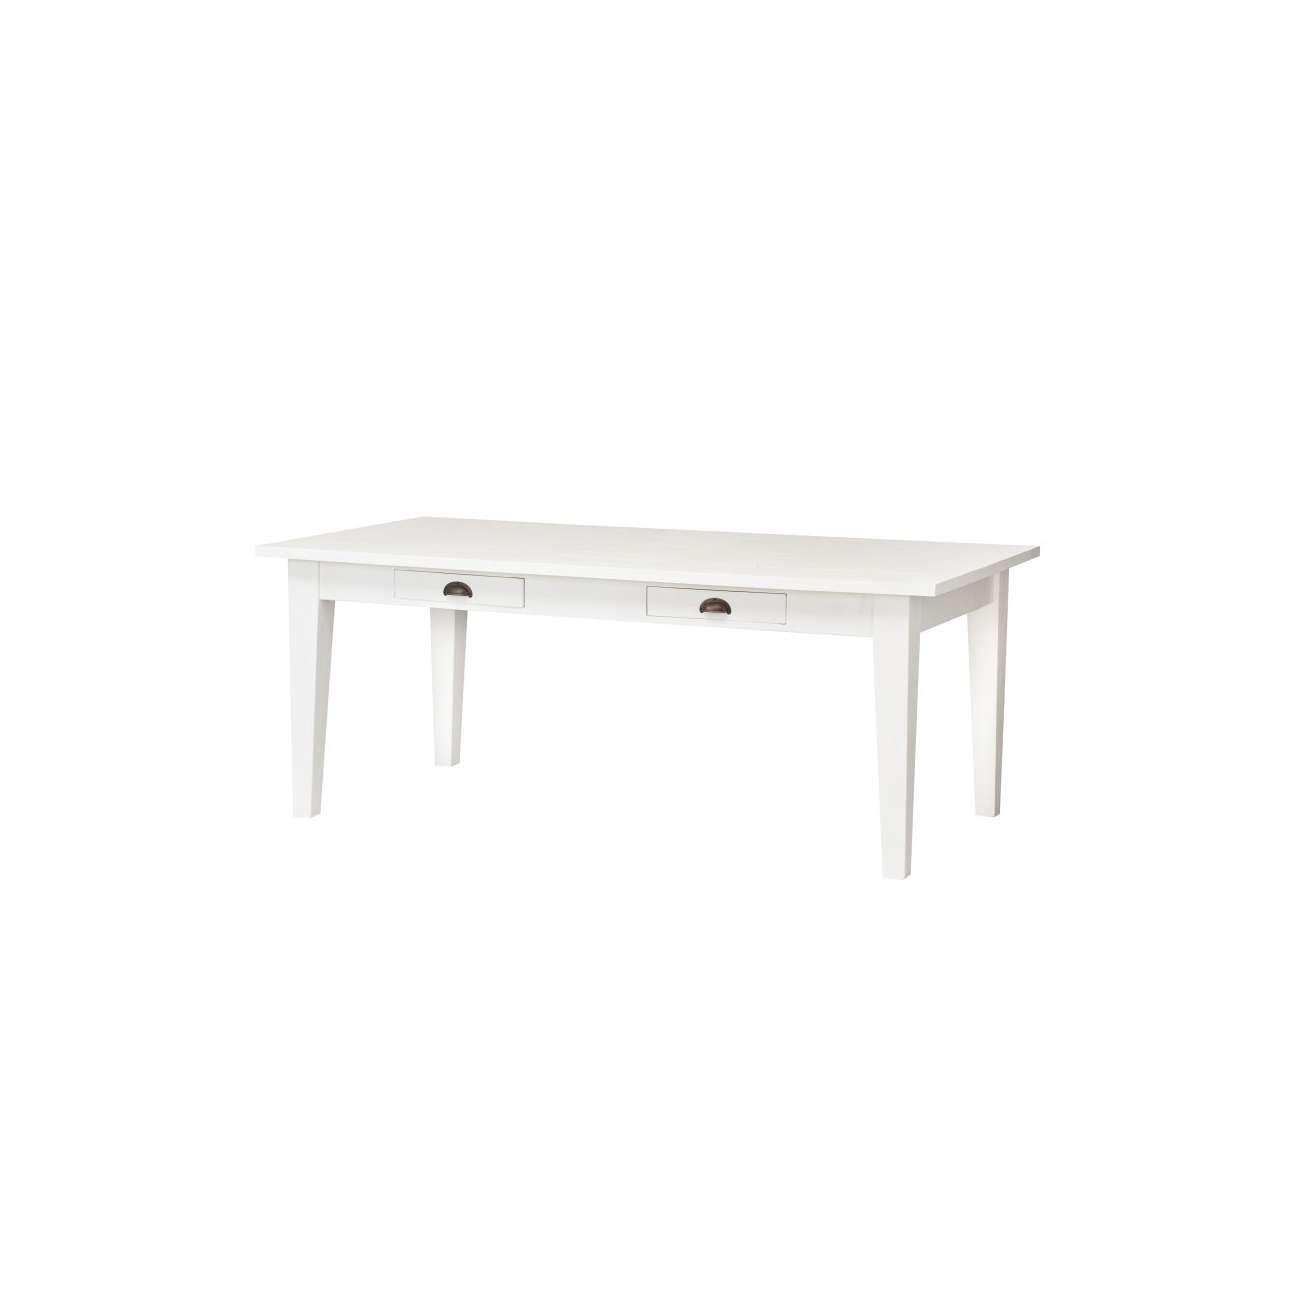 Stůl Milton white 200x100x78cm